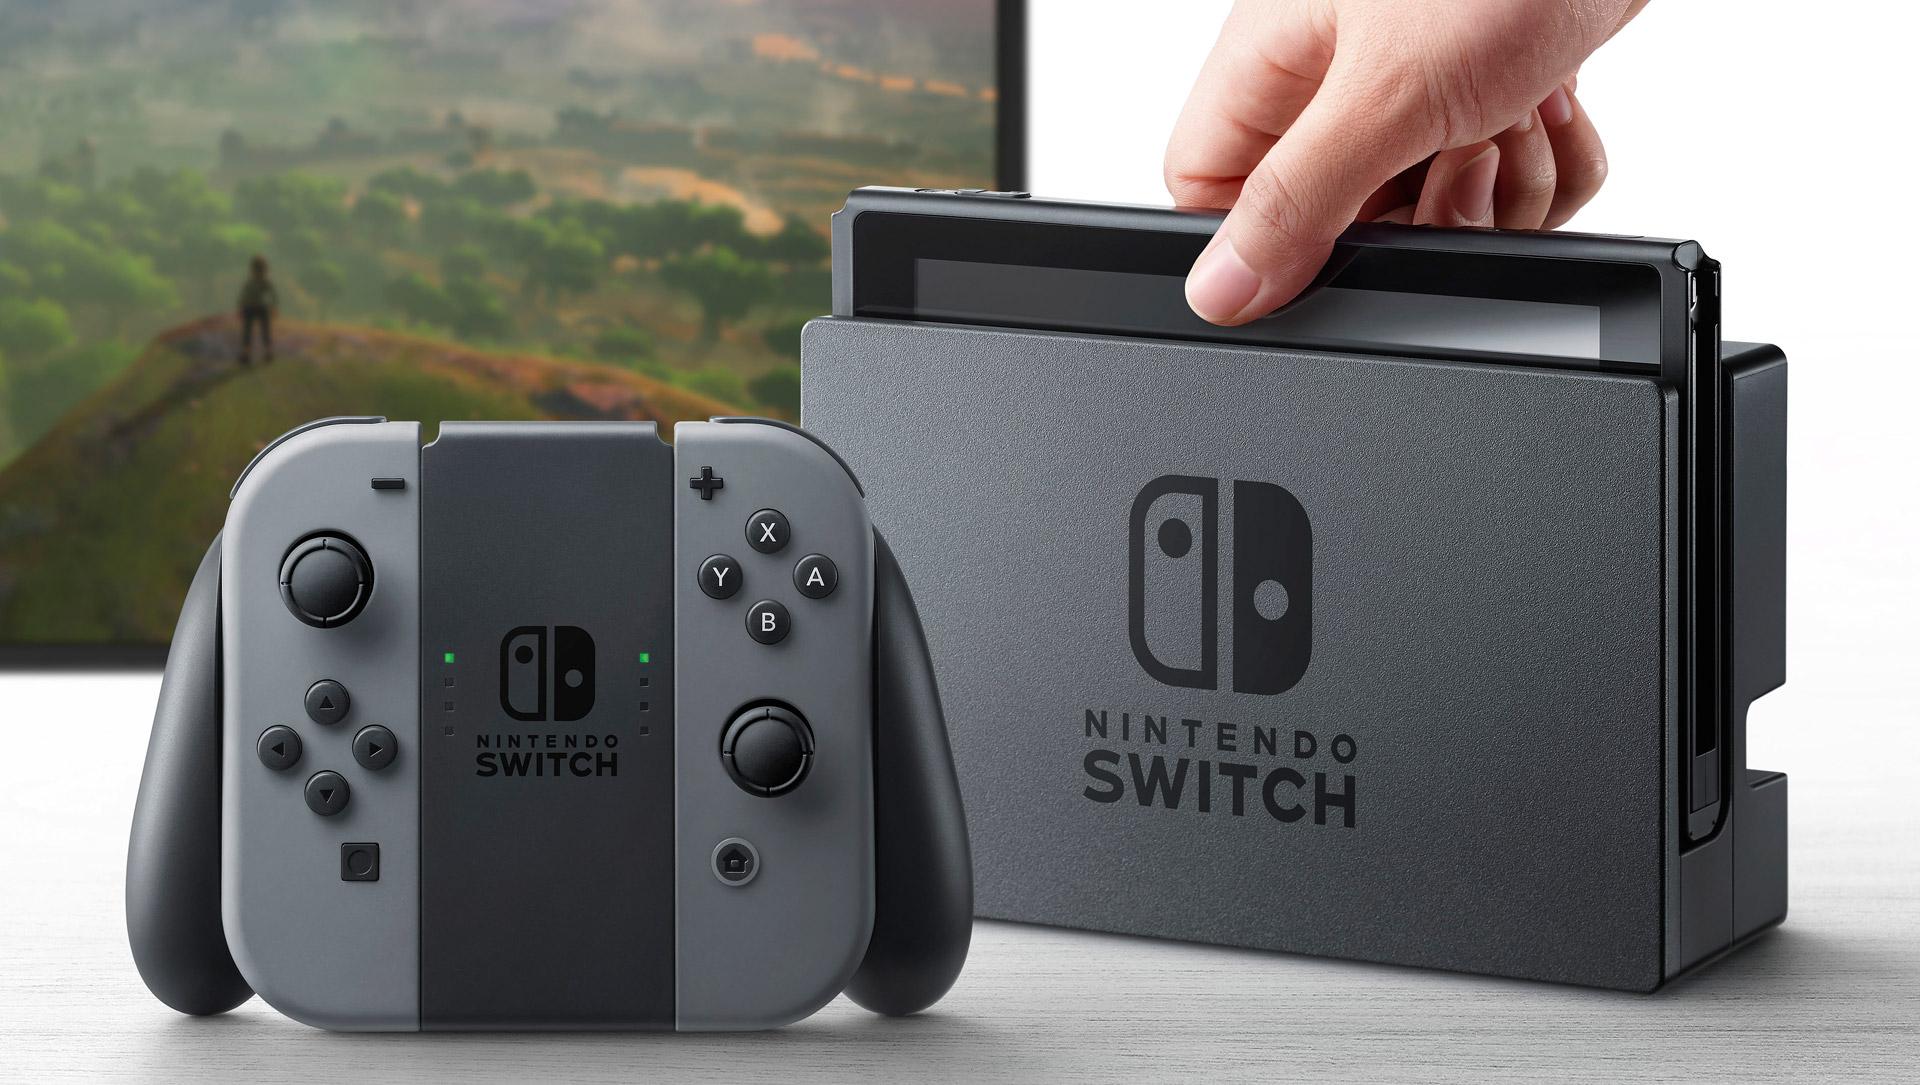 La nouvelle Nintendo Switch est officielle : l'autonomie en forte hausse